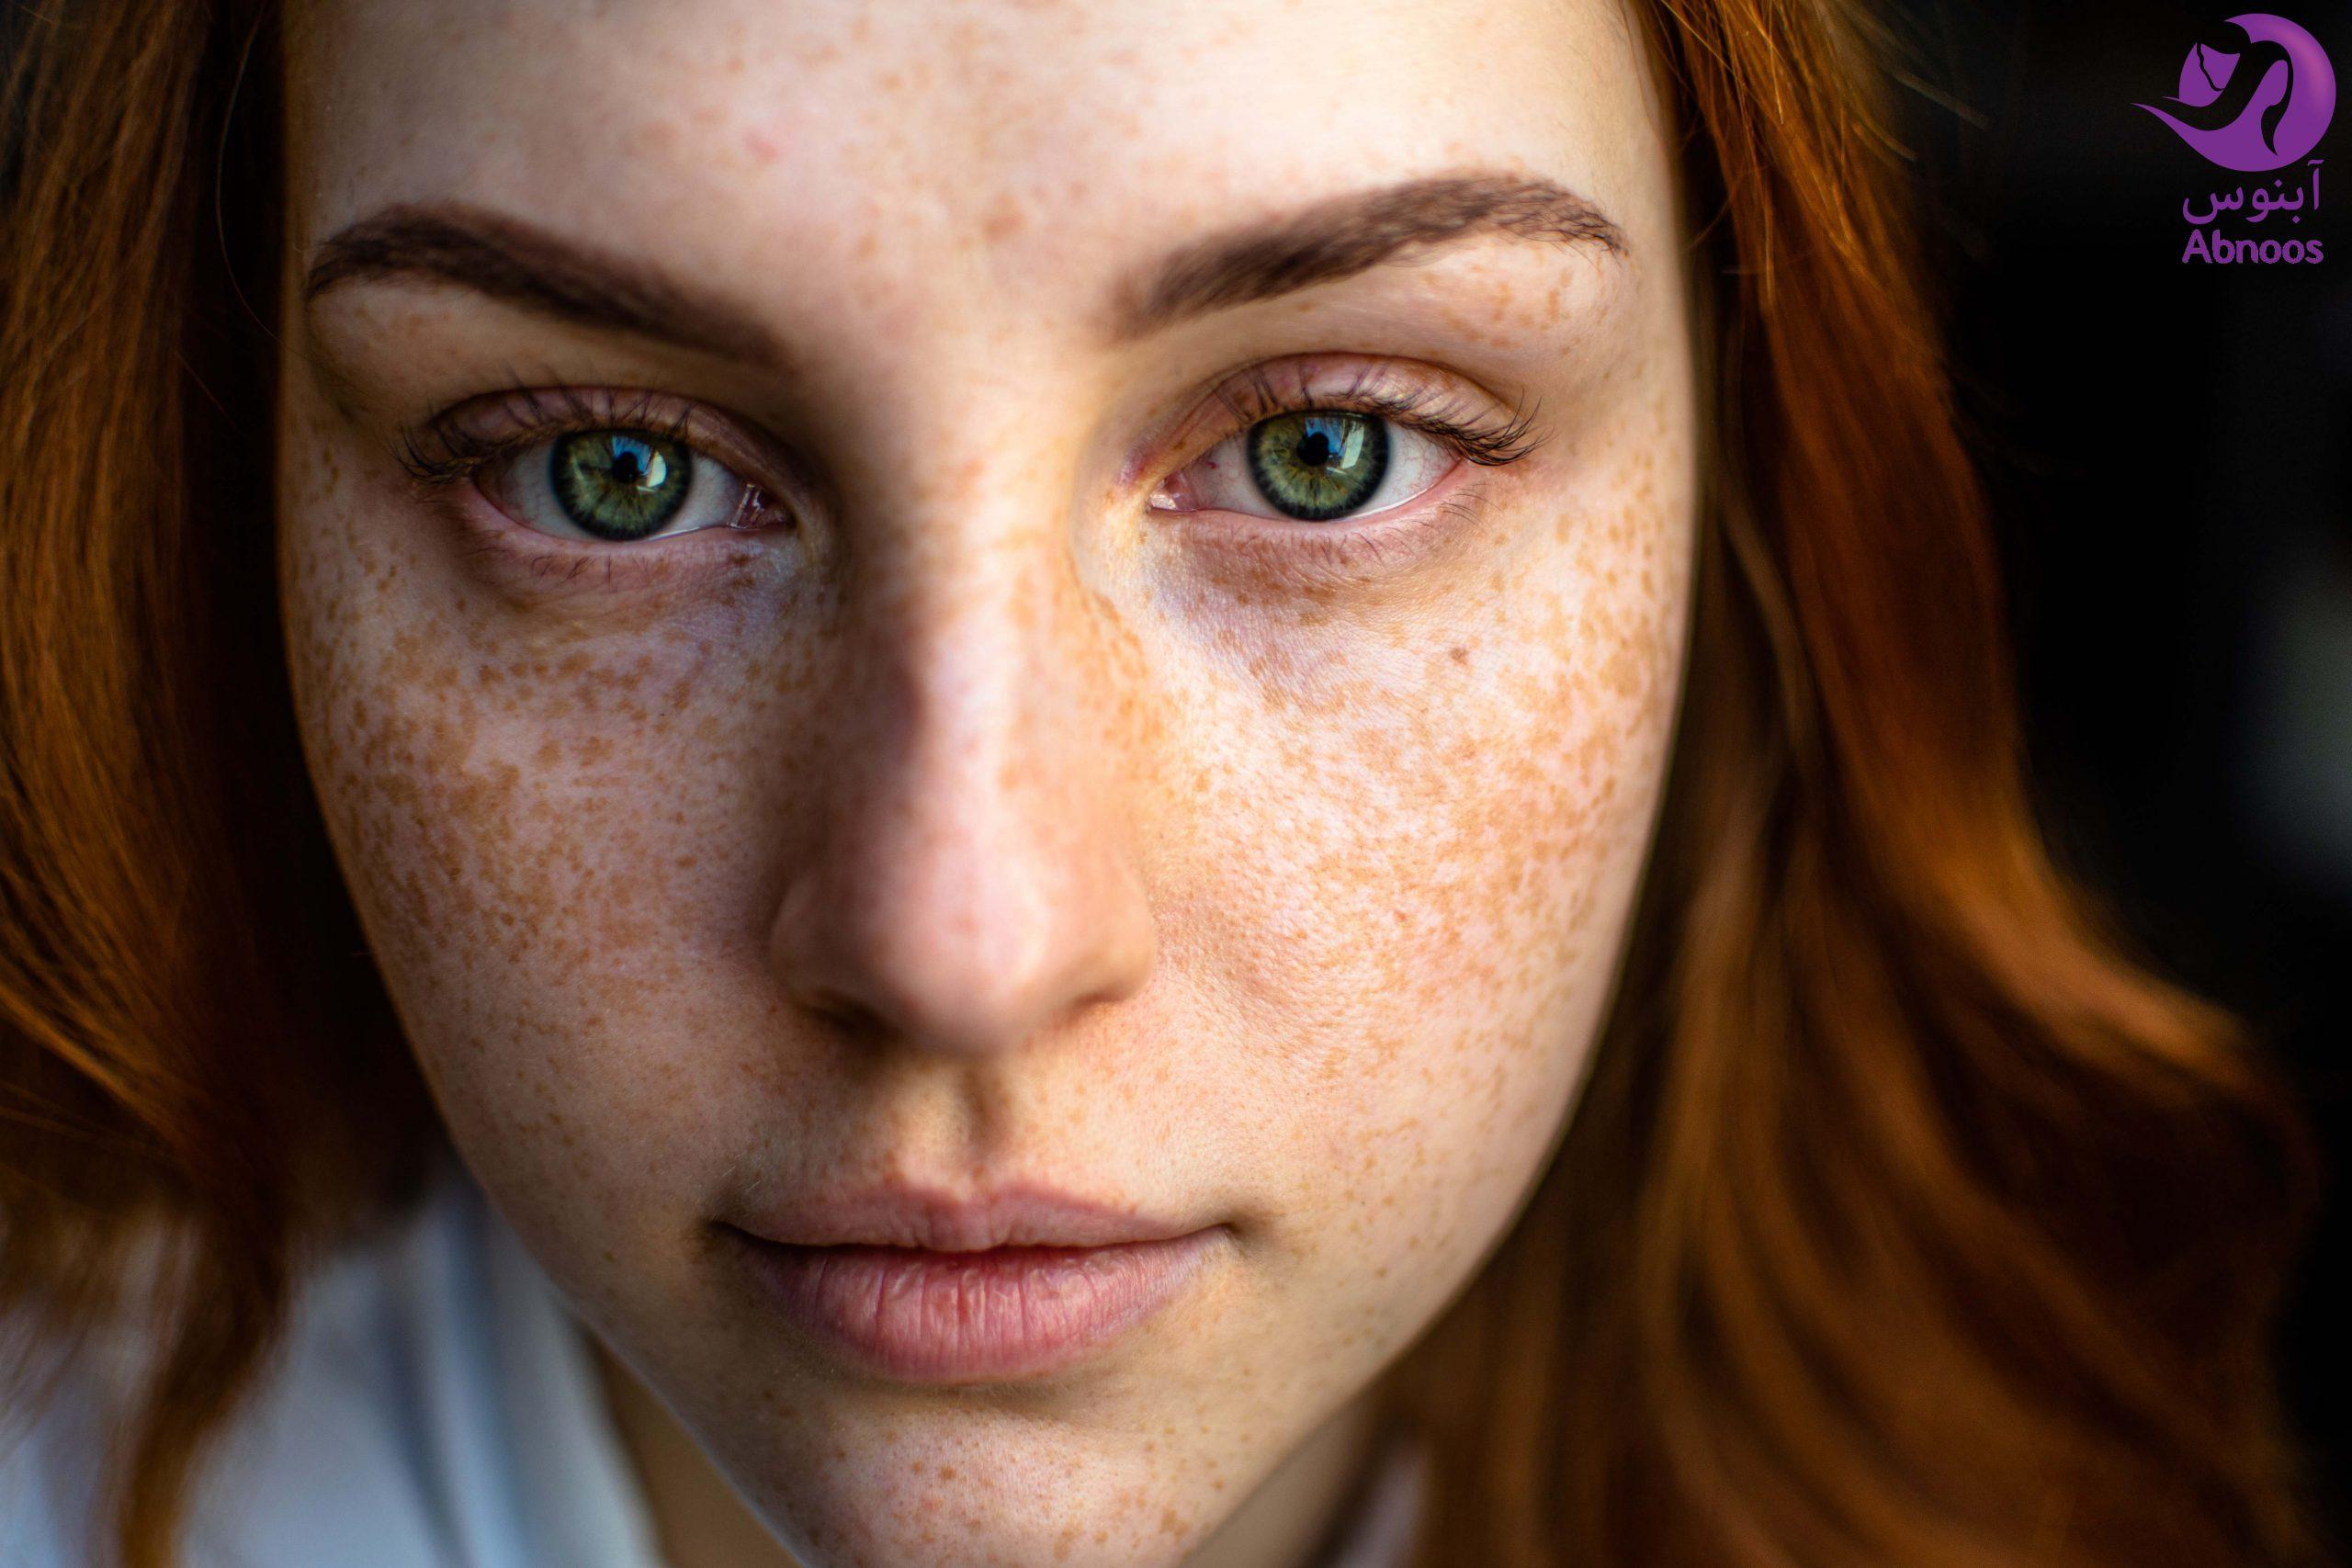 مکملهایی برای پیر نشدن پوست صورت